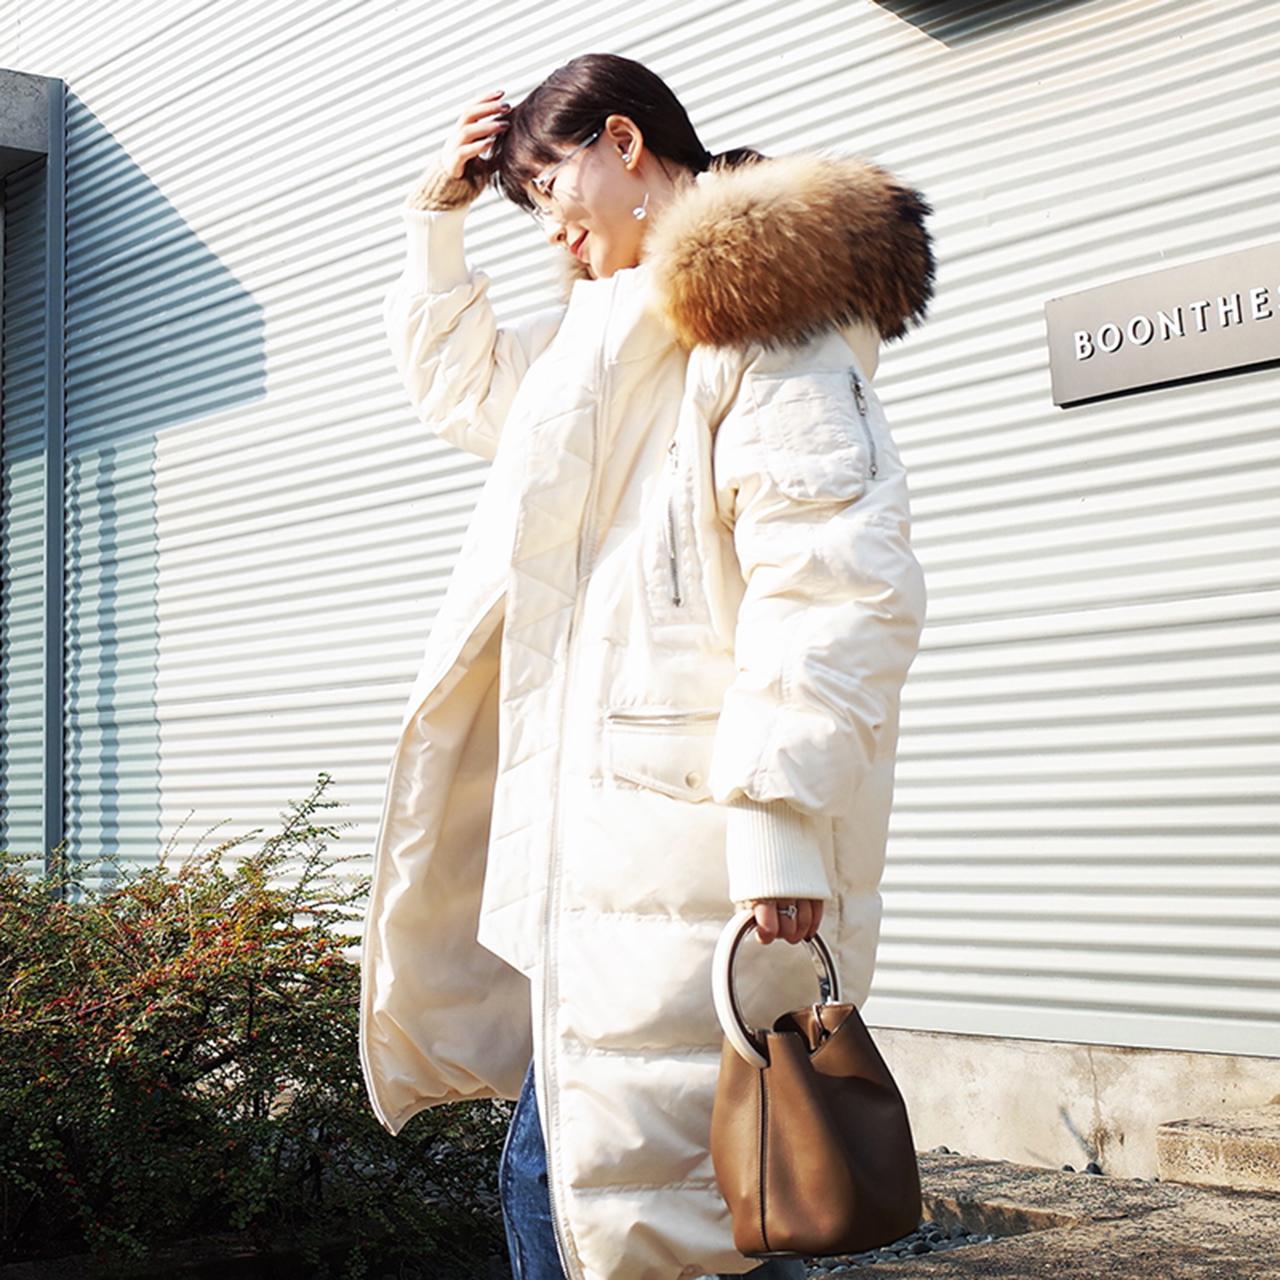 粉红色羽绒服 【13C】2016冬季90白鸭绒真毛领连帽长款纯色羽绒服外套女 EK07_推荐淘宝好看的粉红色羽绒服